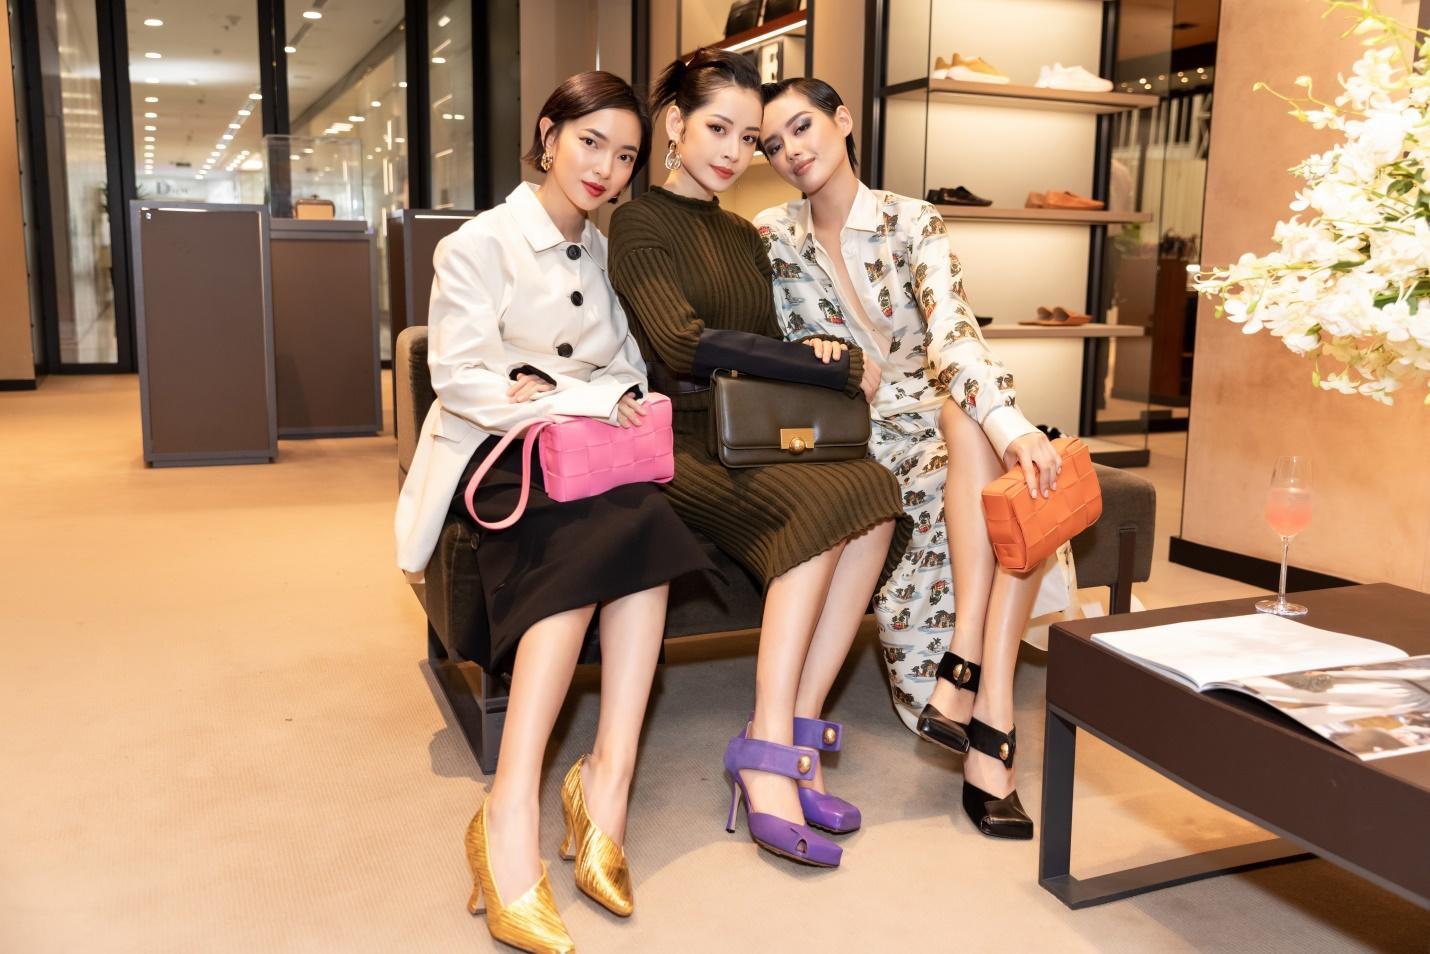 Bottega Veneta ra mắt BST mới: Dàn sao Việt yêu thời trang tụ hội, cùng khoe cá tính - Ảnh 3.